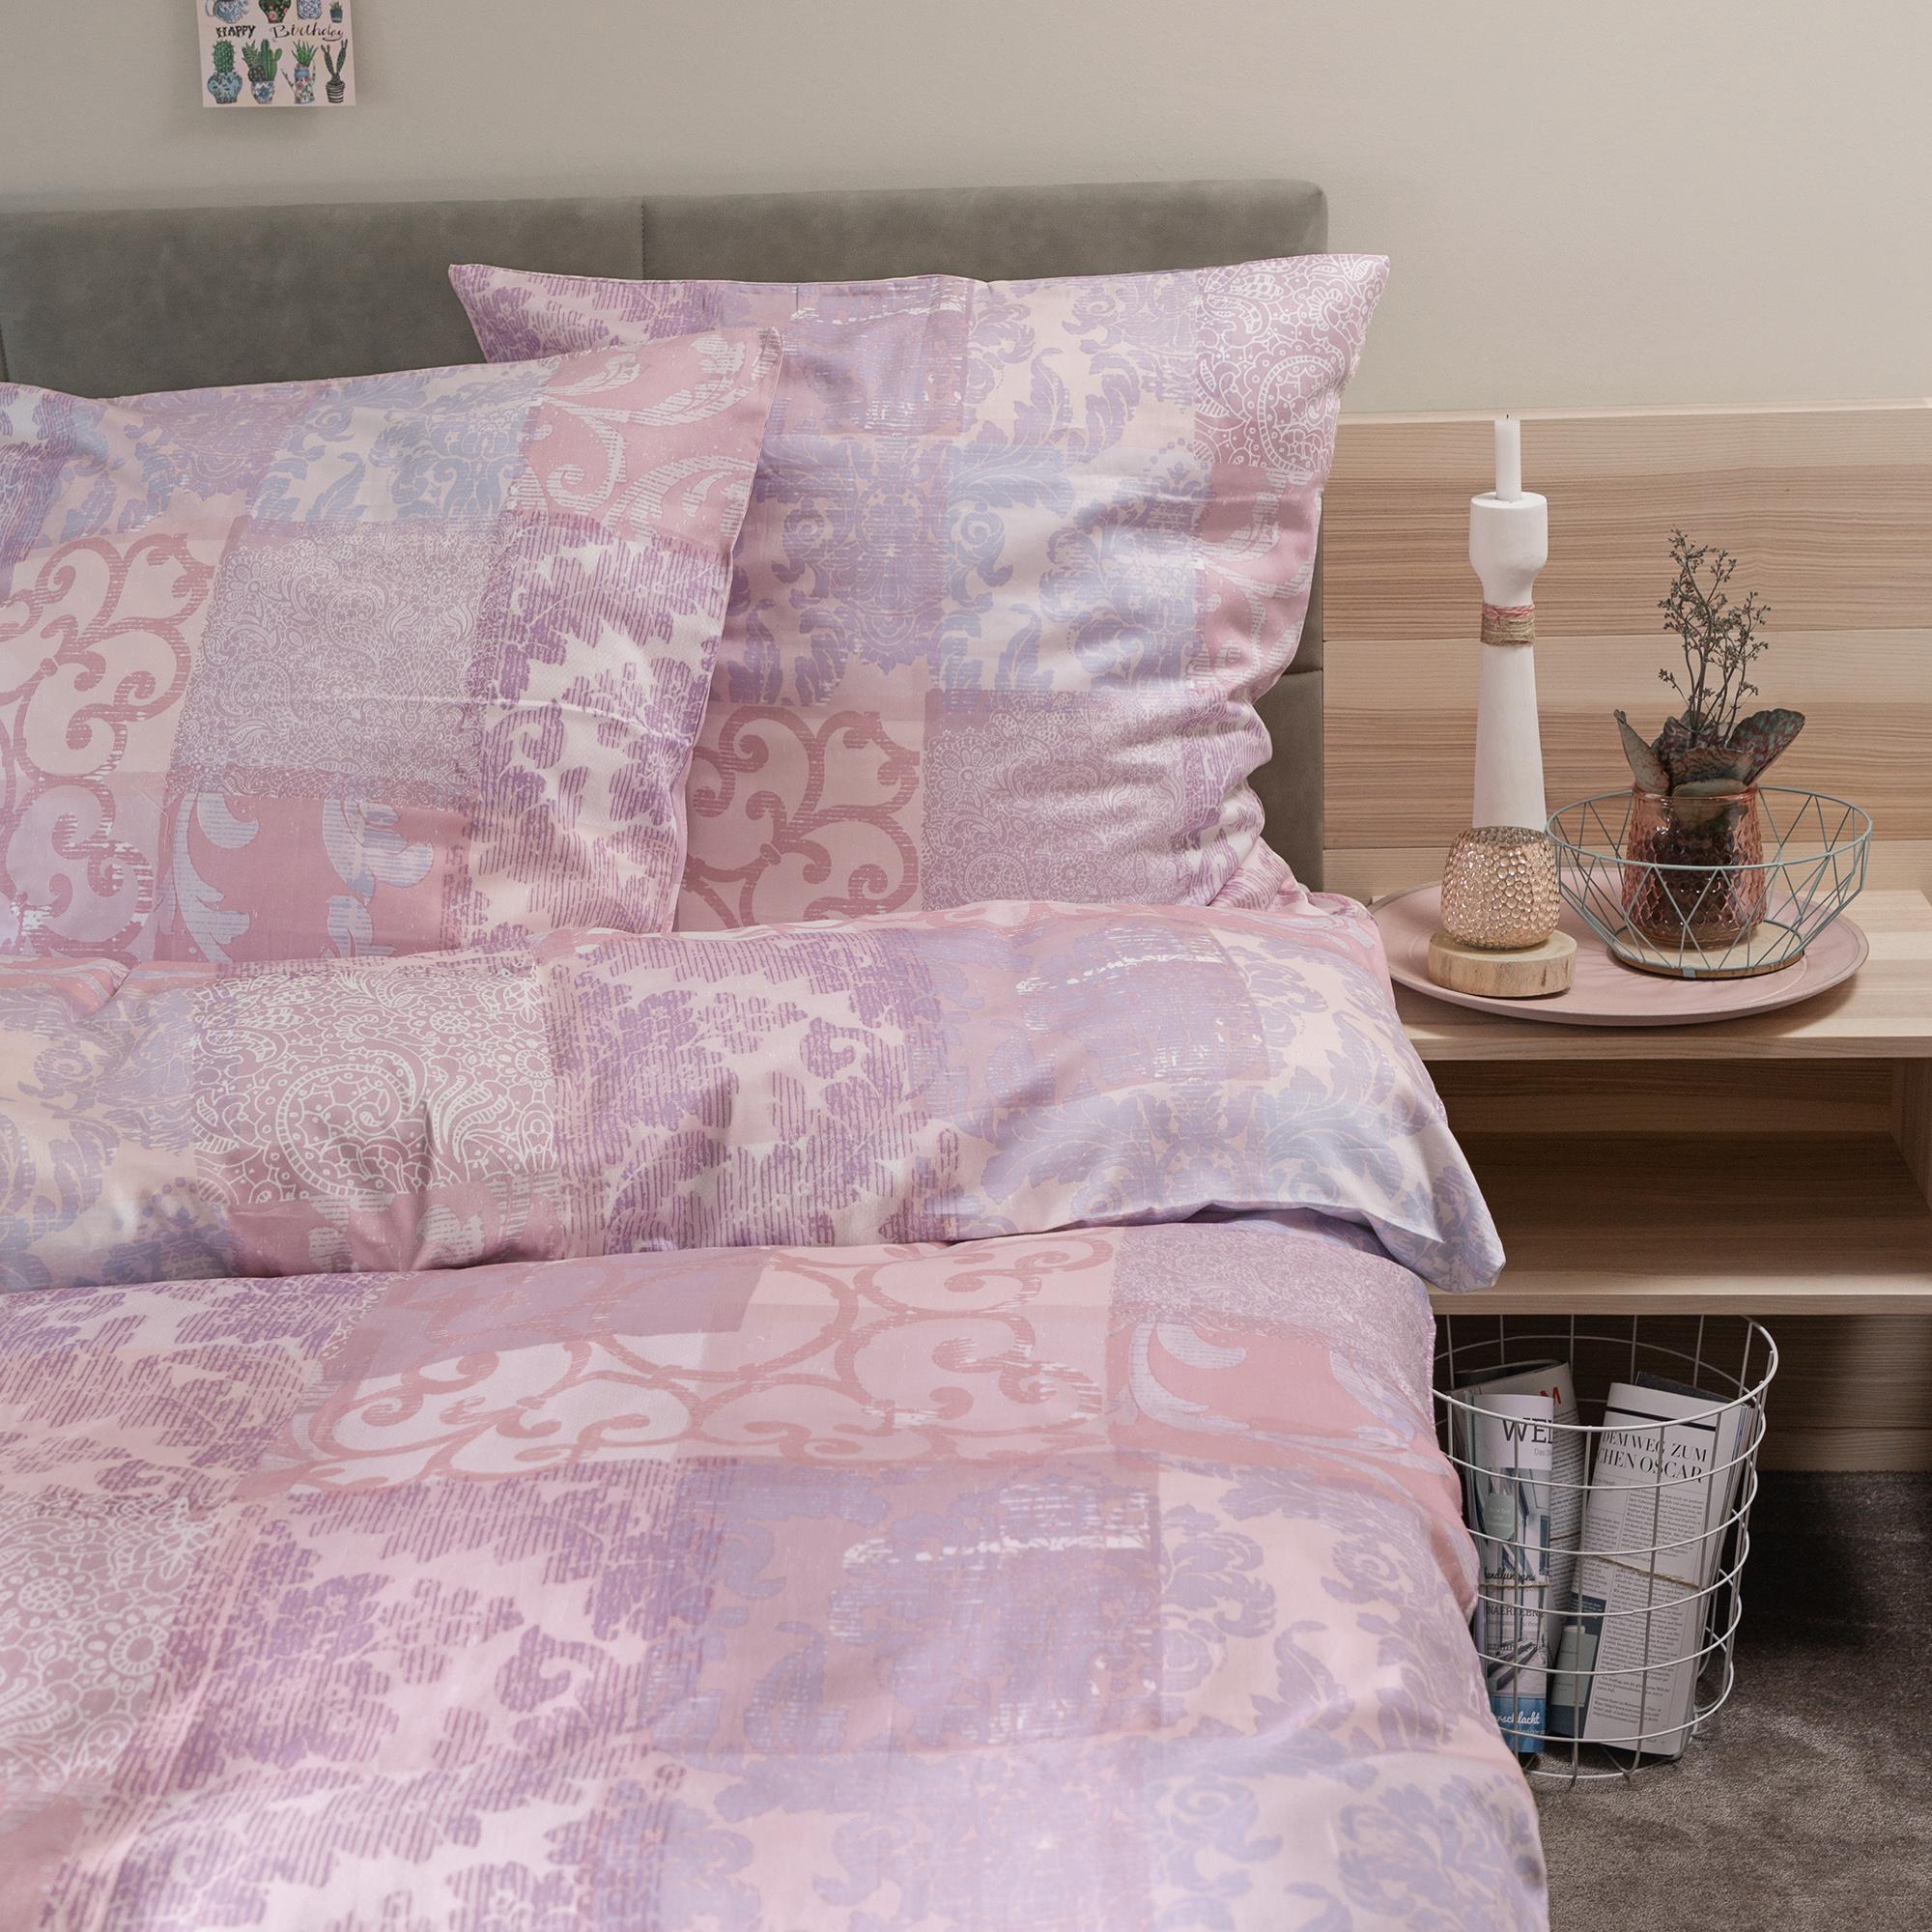 zeitgeist bettw sche schlafzimmer im dachgeschoss kleiderablage ikea schalke bettw sche lampe. Black Bedroom Furniture Sets. Home Design Ideas